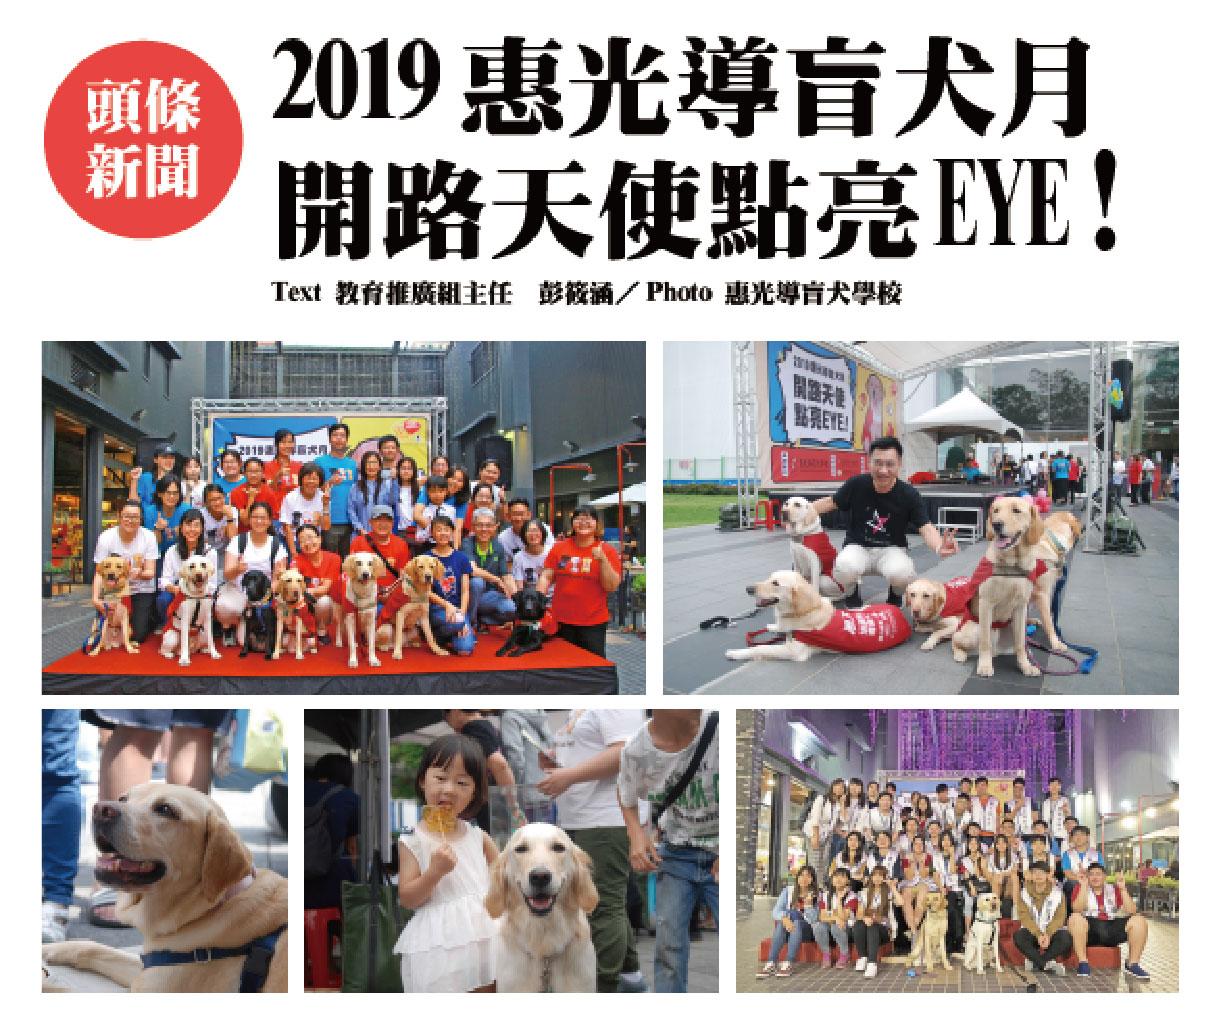 惠光郵報 ISSUE 20